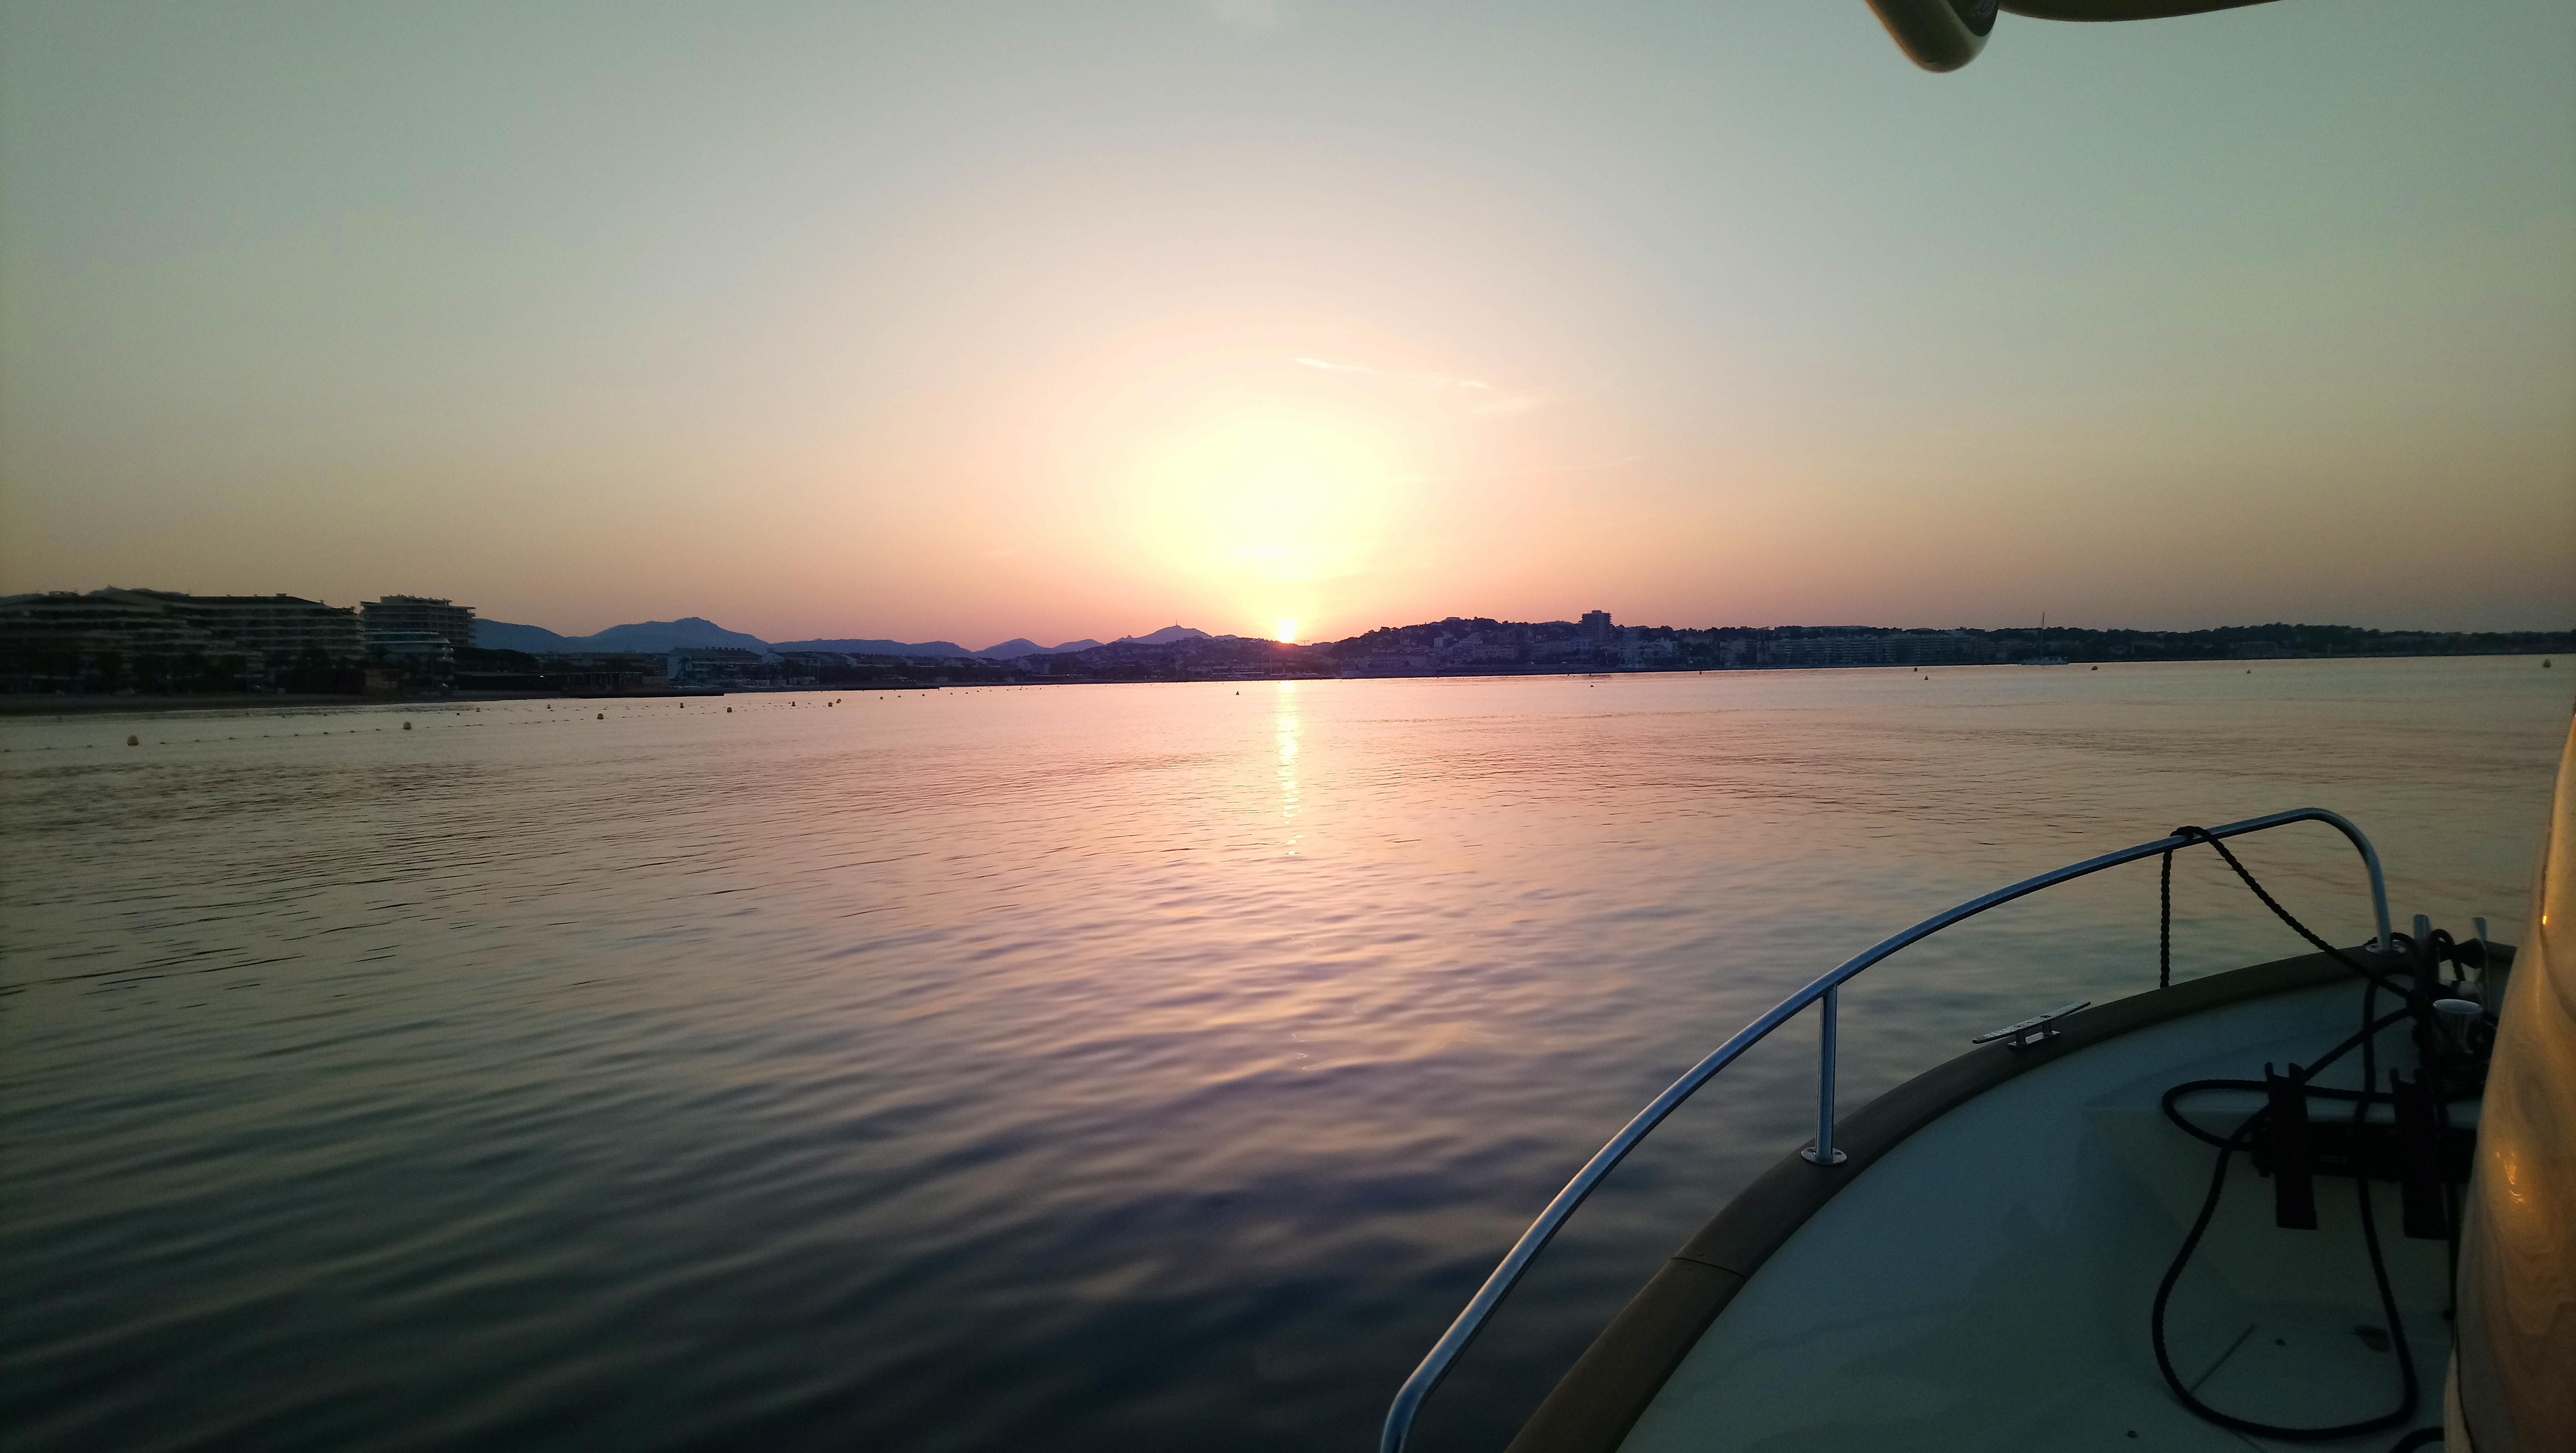 Pêche et coucher de soleil